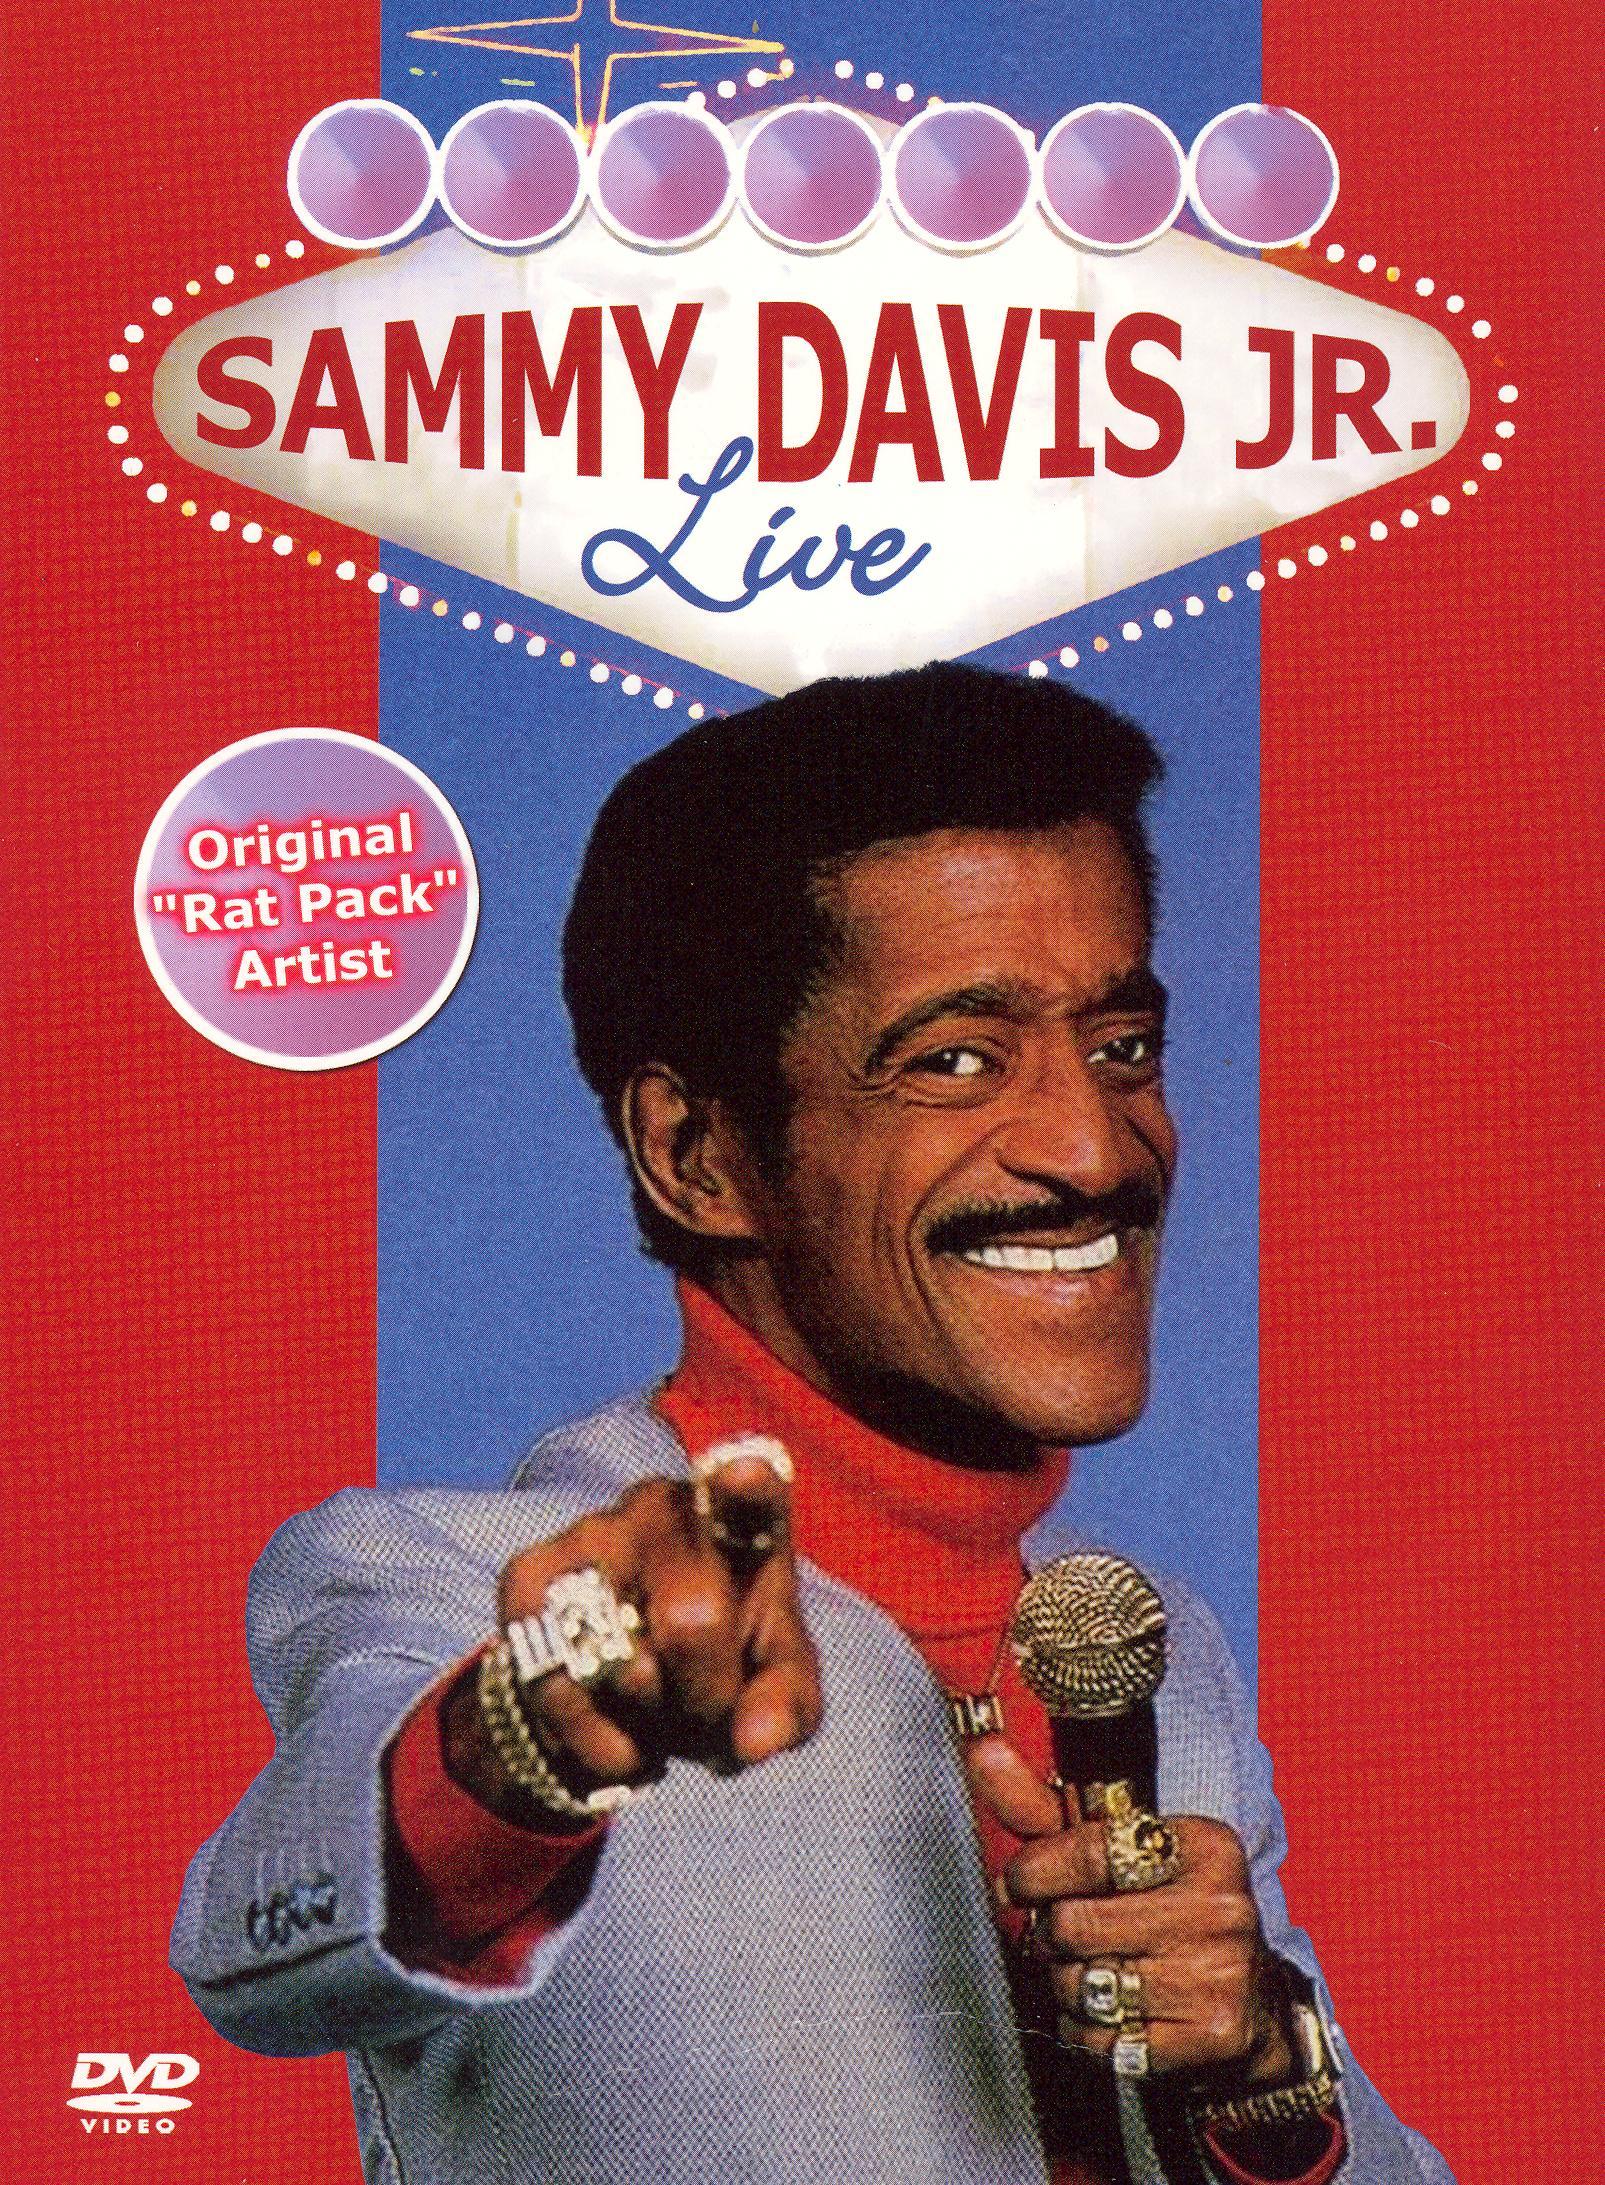 Sammy Davis, Jr. Live